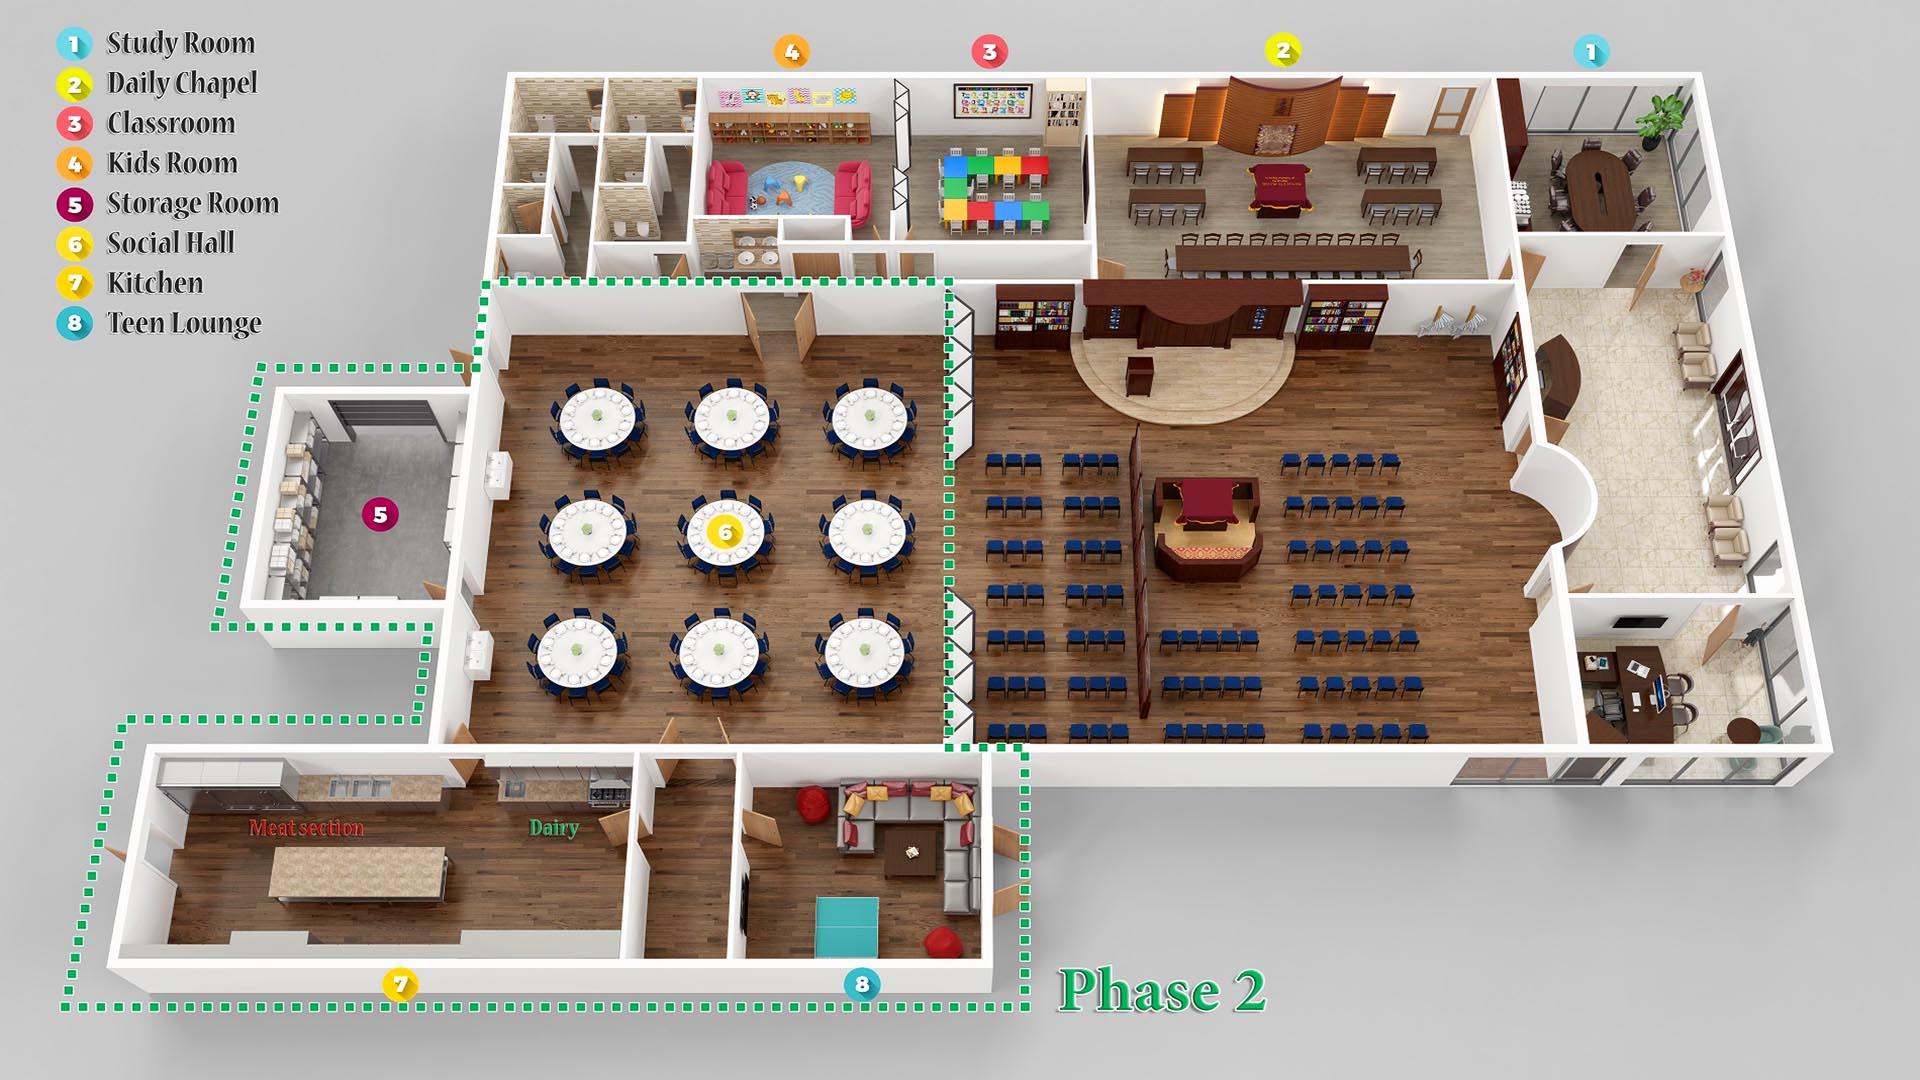 3D Render Floor Plan axonometric view